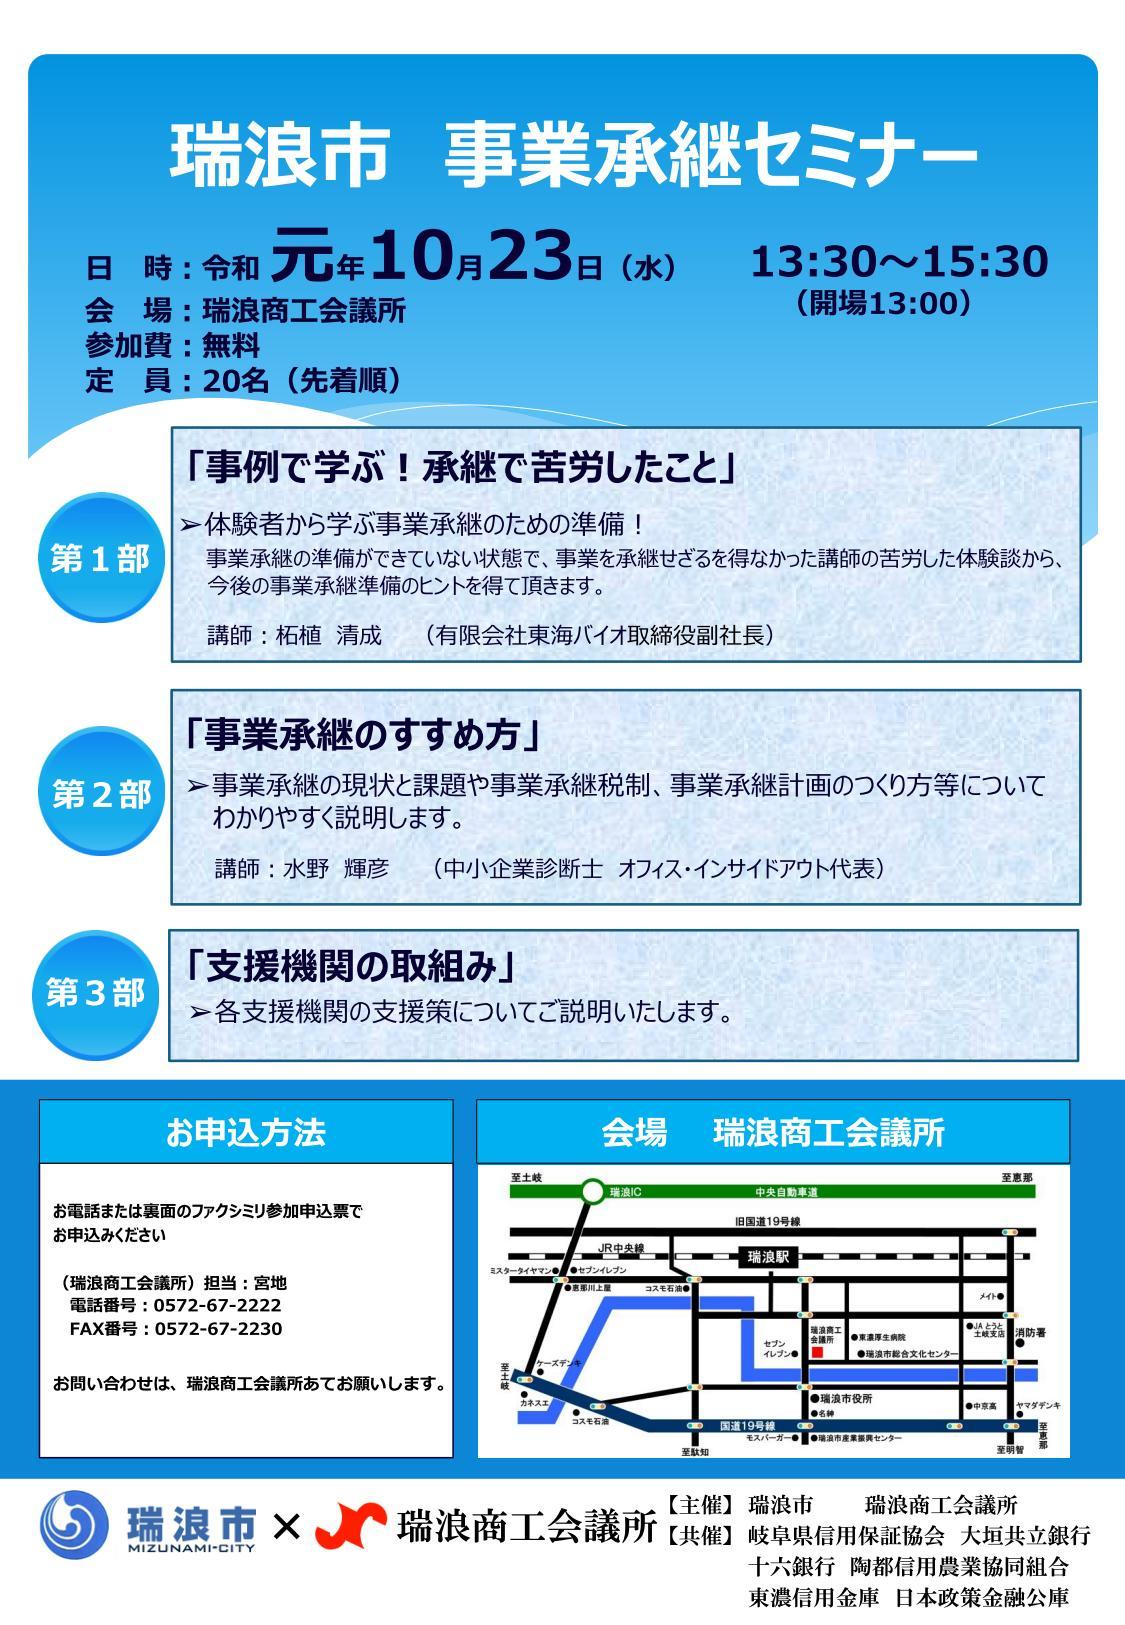 【セミナー】瑞浪市事業承継セミナー